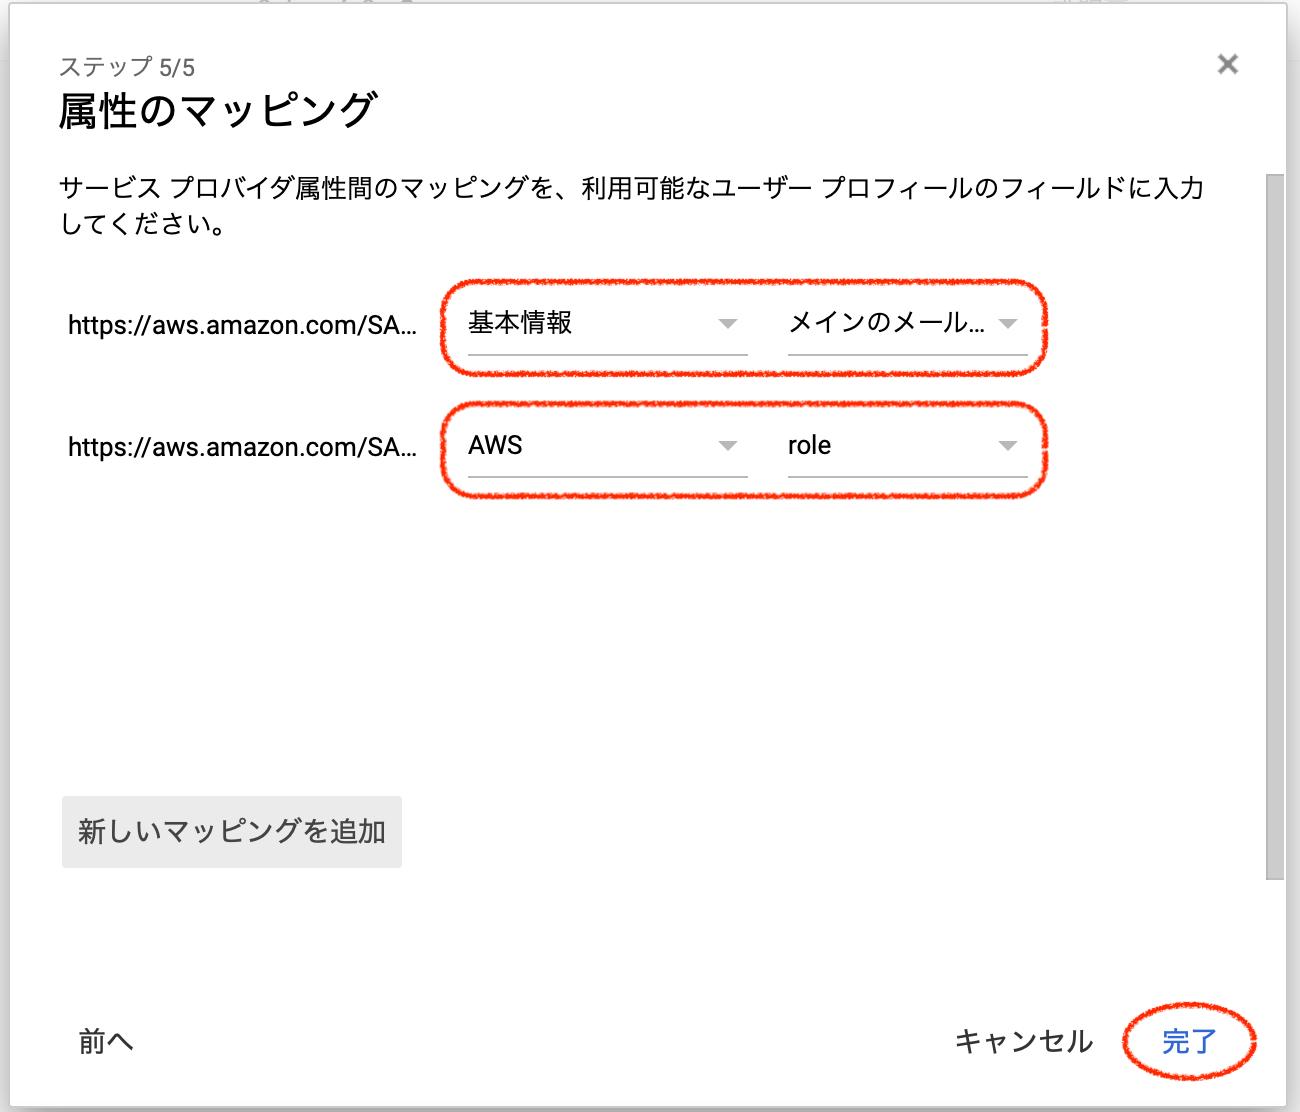 スクリーンショット 2019-01-05 0.07.19.png